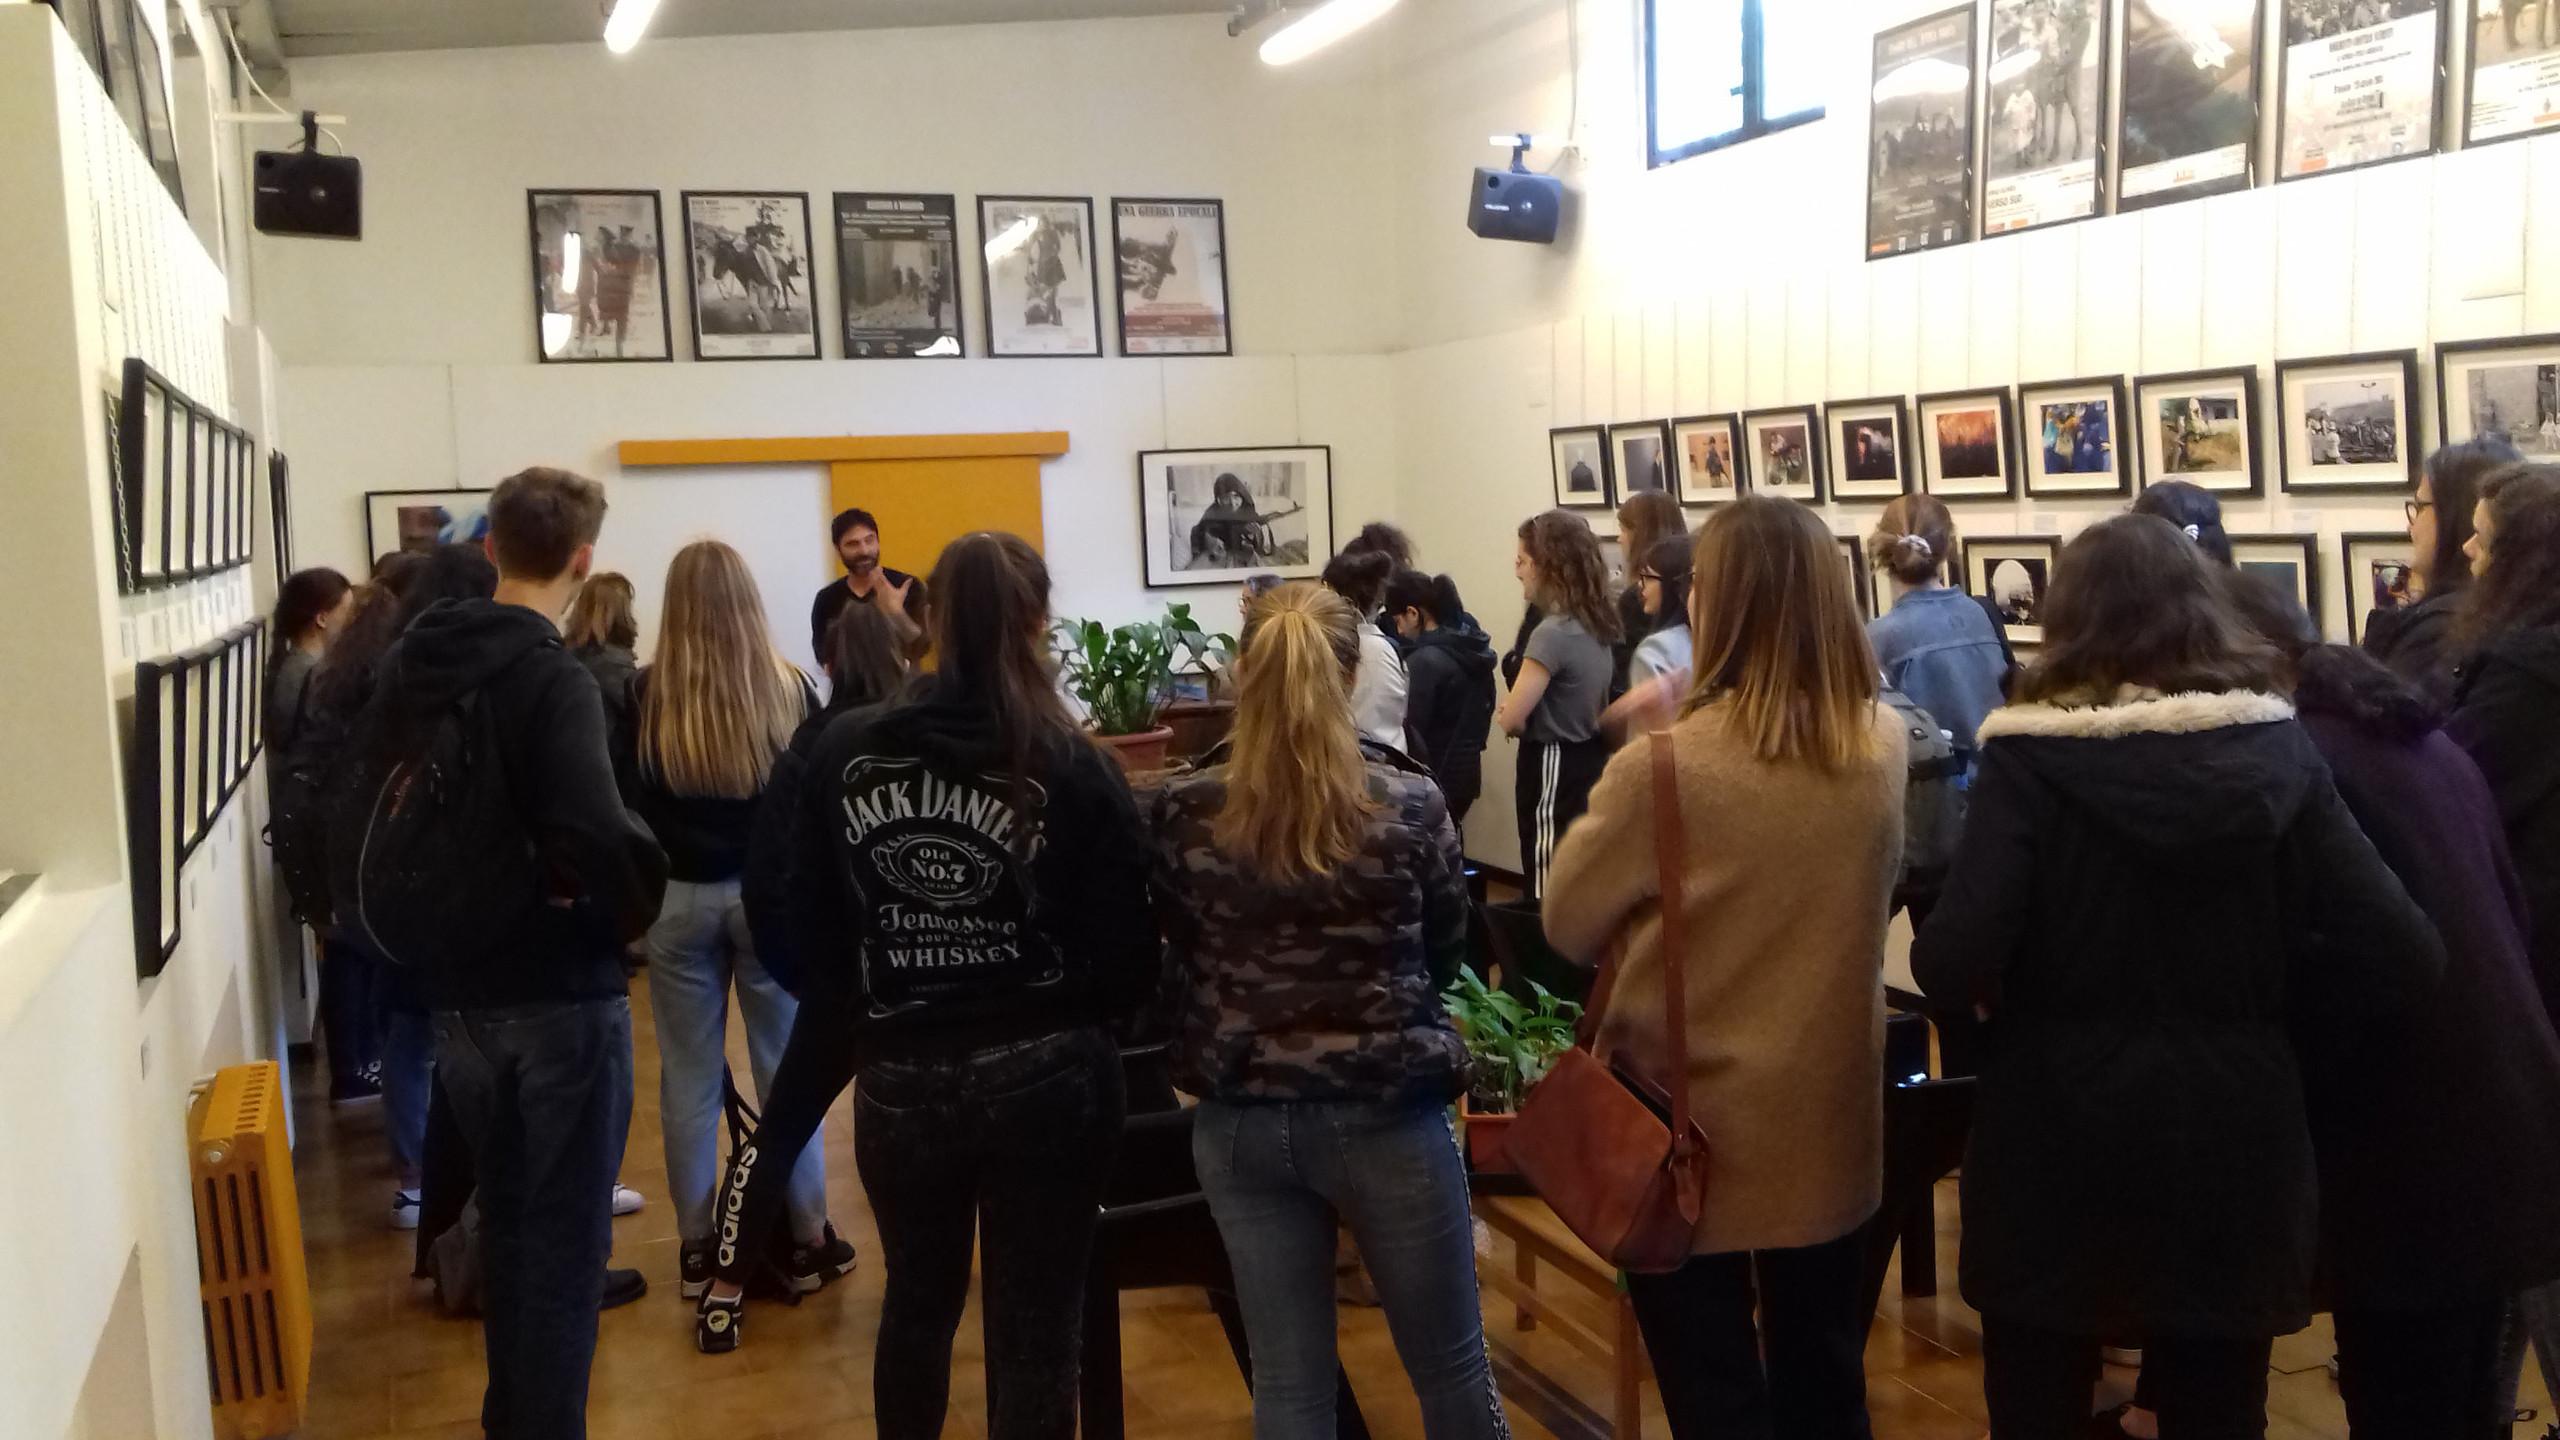 visita guidata con gli studenti del Liceo Virgilio di Milano